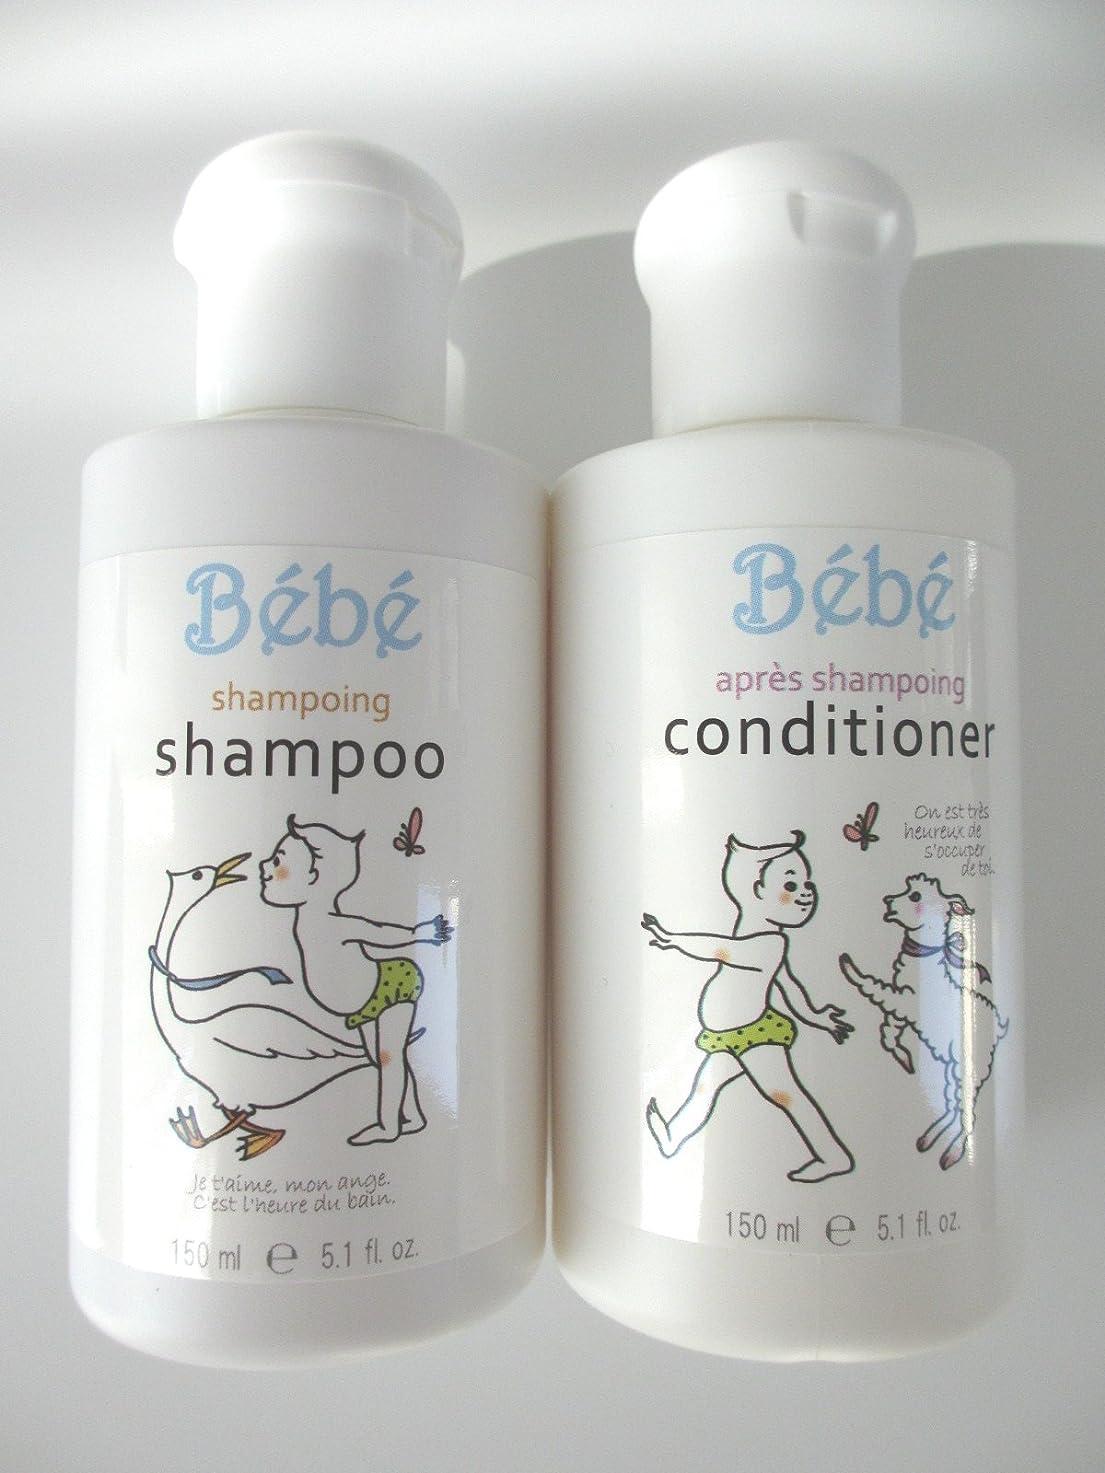 退化するポンプうまくいけばサイアン べべ/BEBE シャンプー(150ml)&コンディショナー(150ml)セット 赤ちゃん や お肌の弱い方 のヘアケア ふんわり 優しい